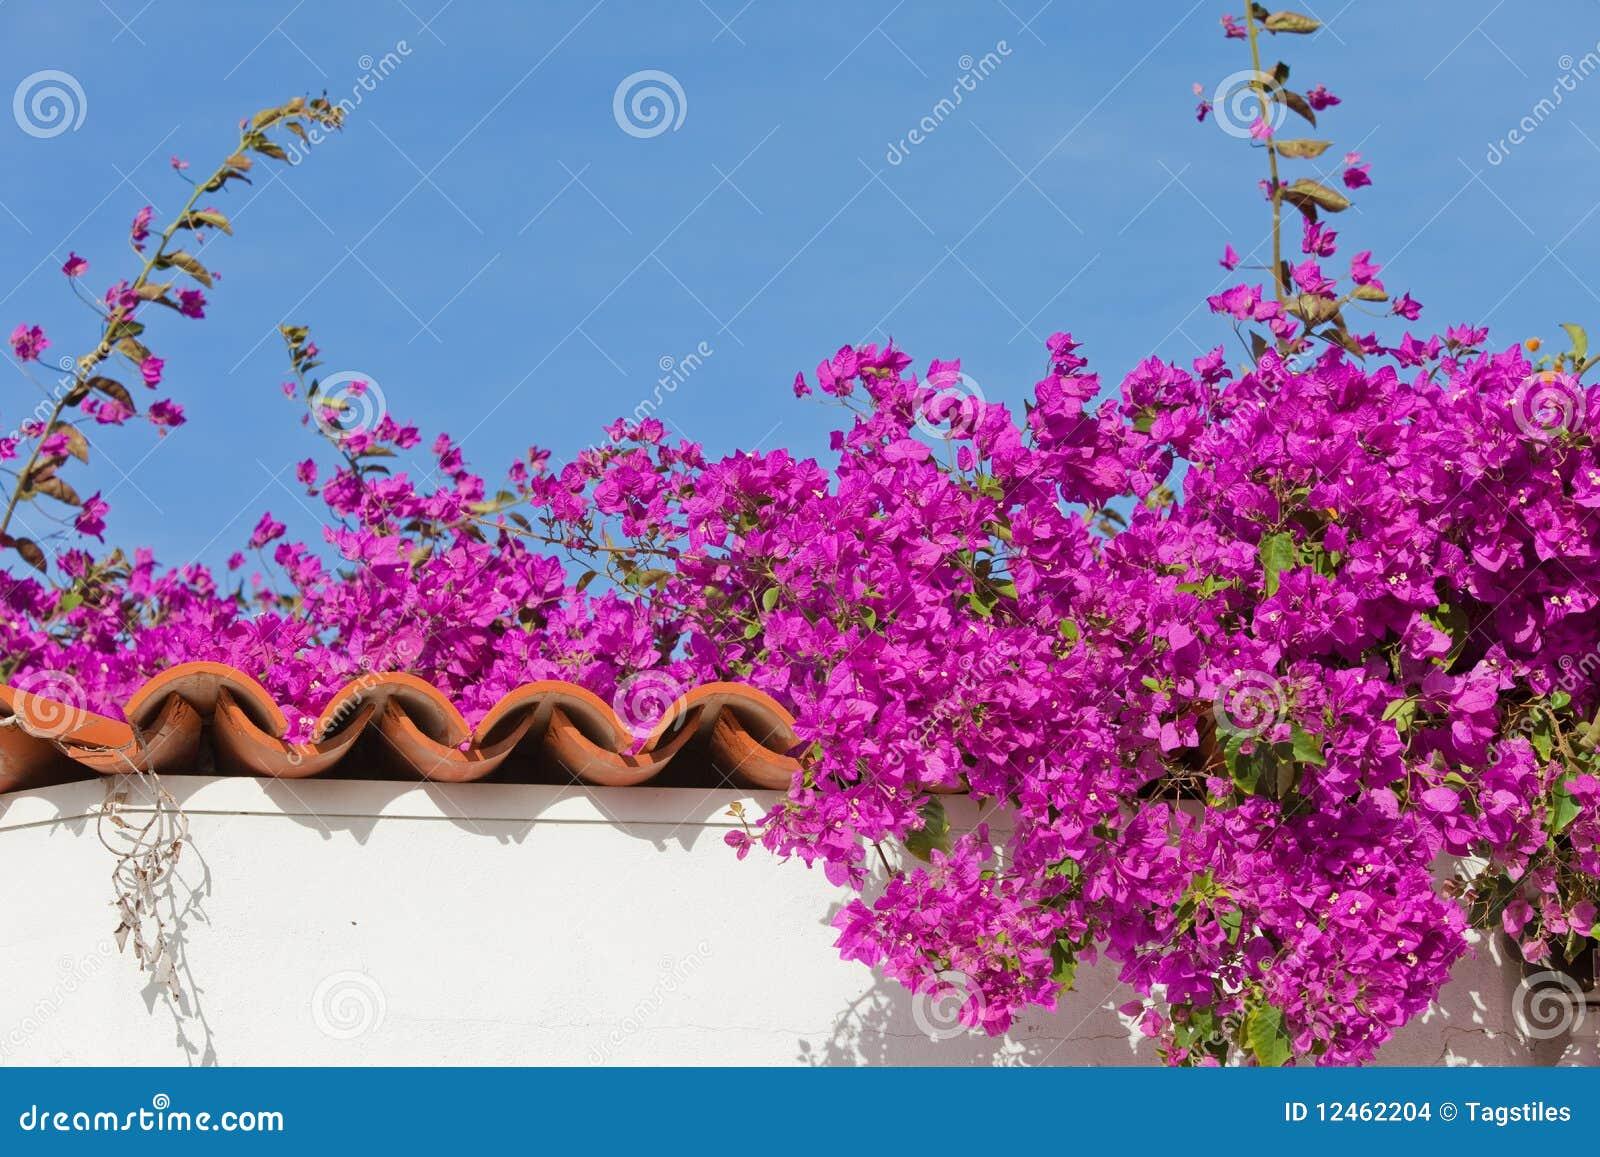 Download Spanischer Garten stockfoto. Bild von blume, blau, garten - 12462204